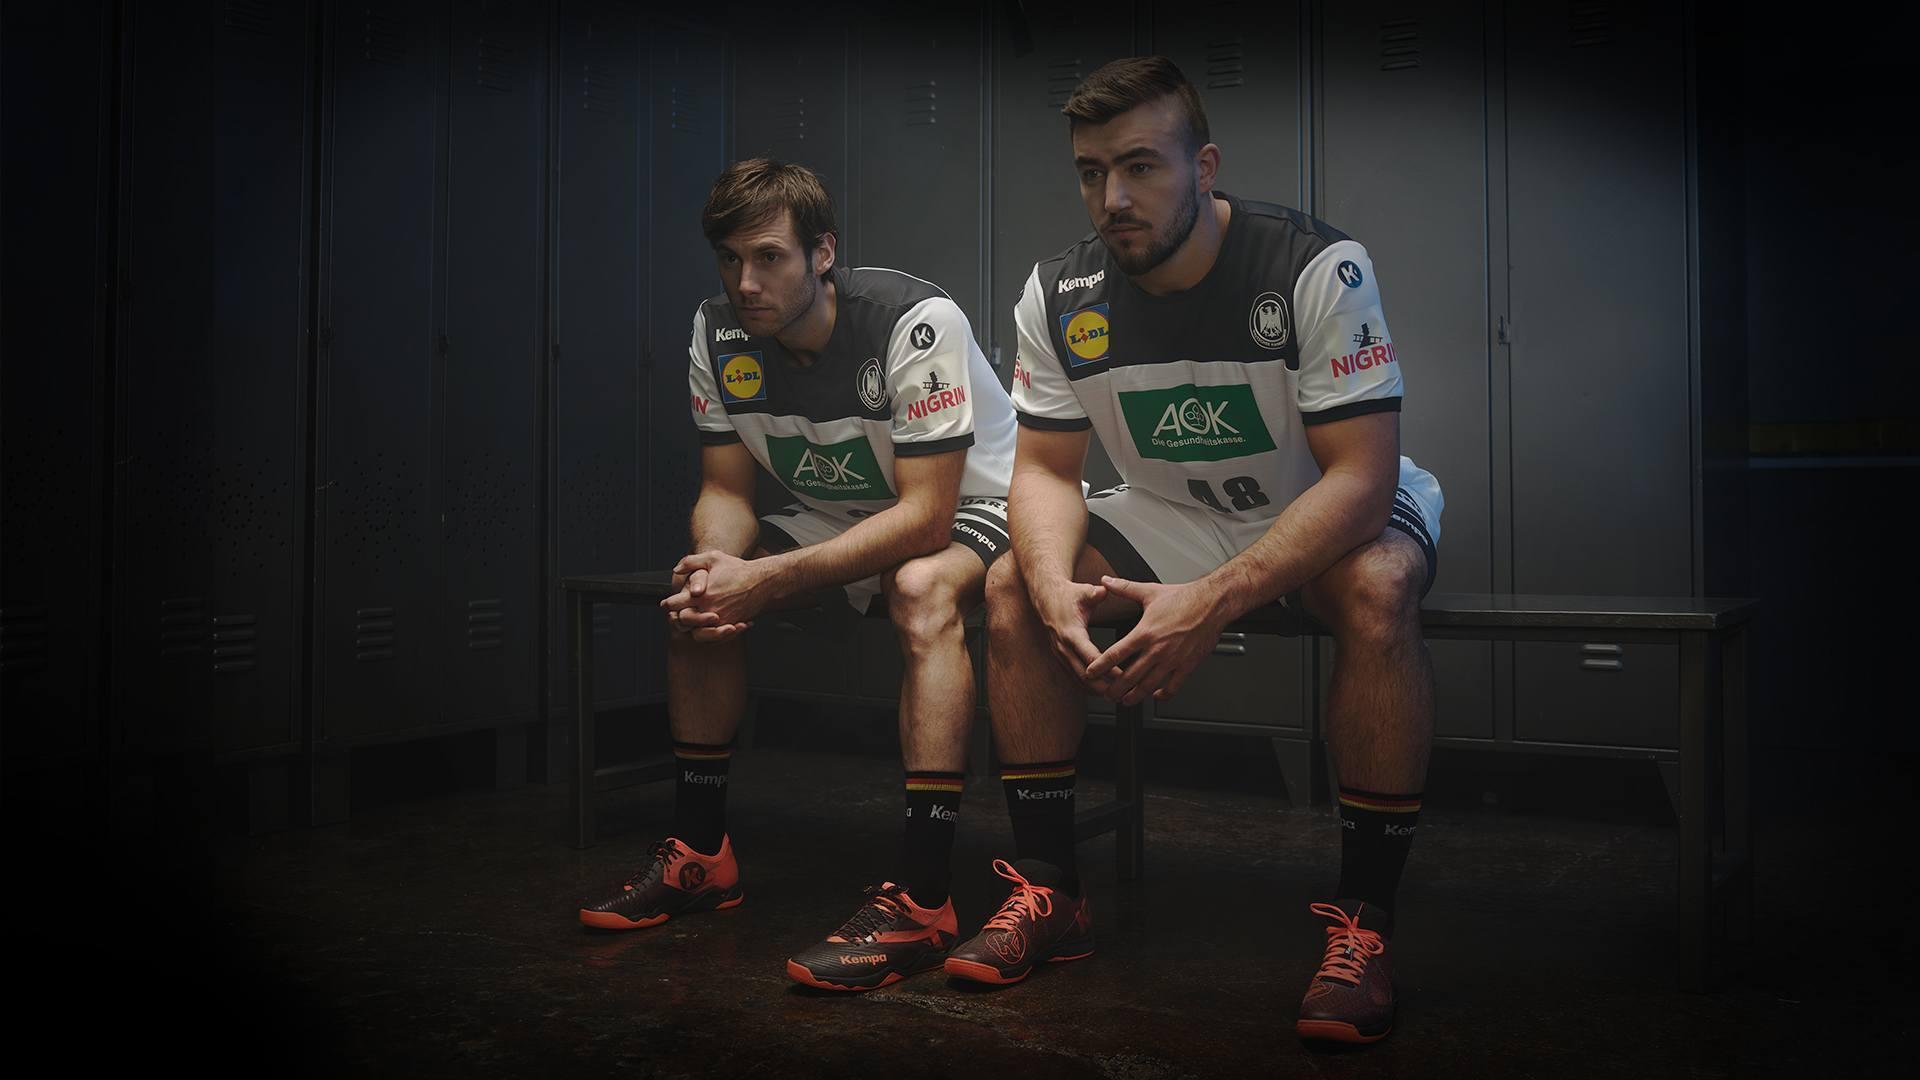 Uwe Gensheimer und Jannick Kohlbacher bei der EURO für die deutsche Nationalmannschaft